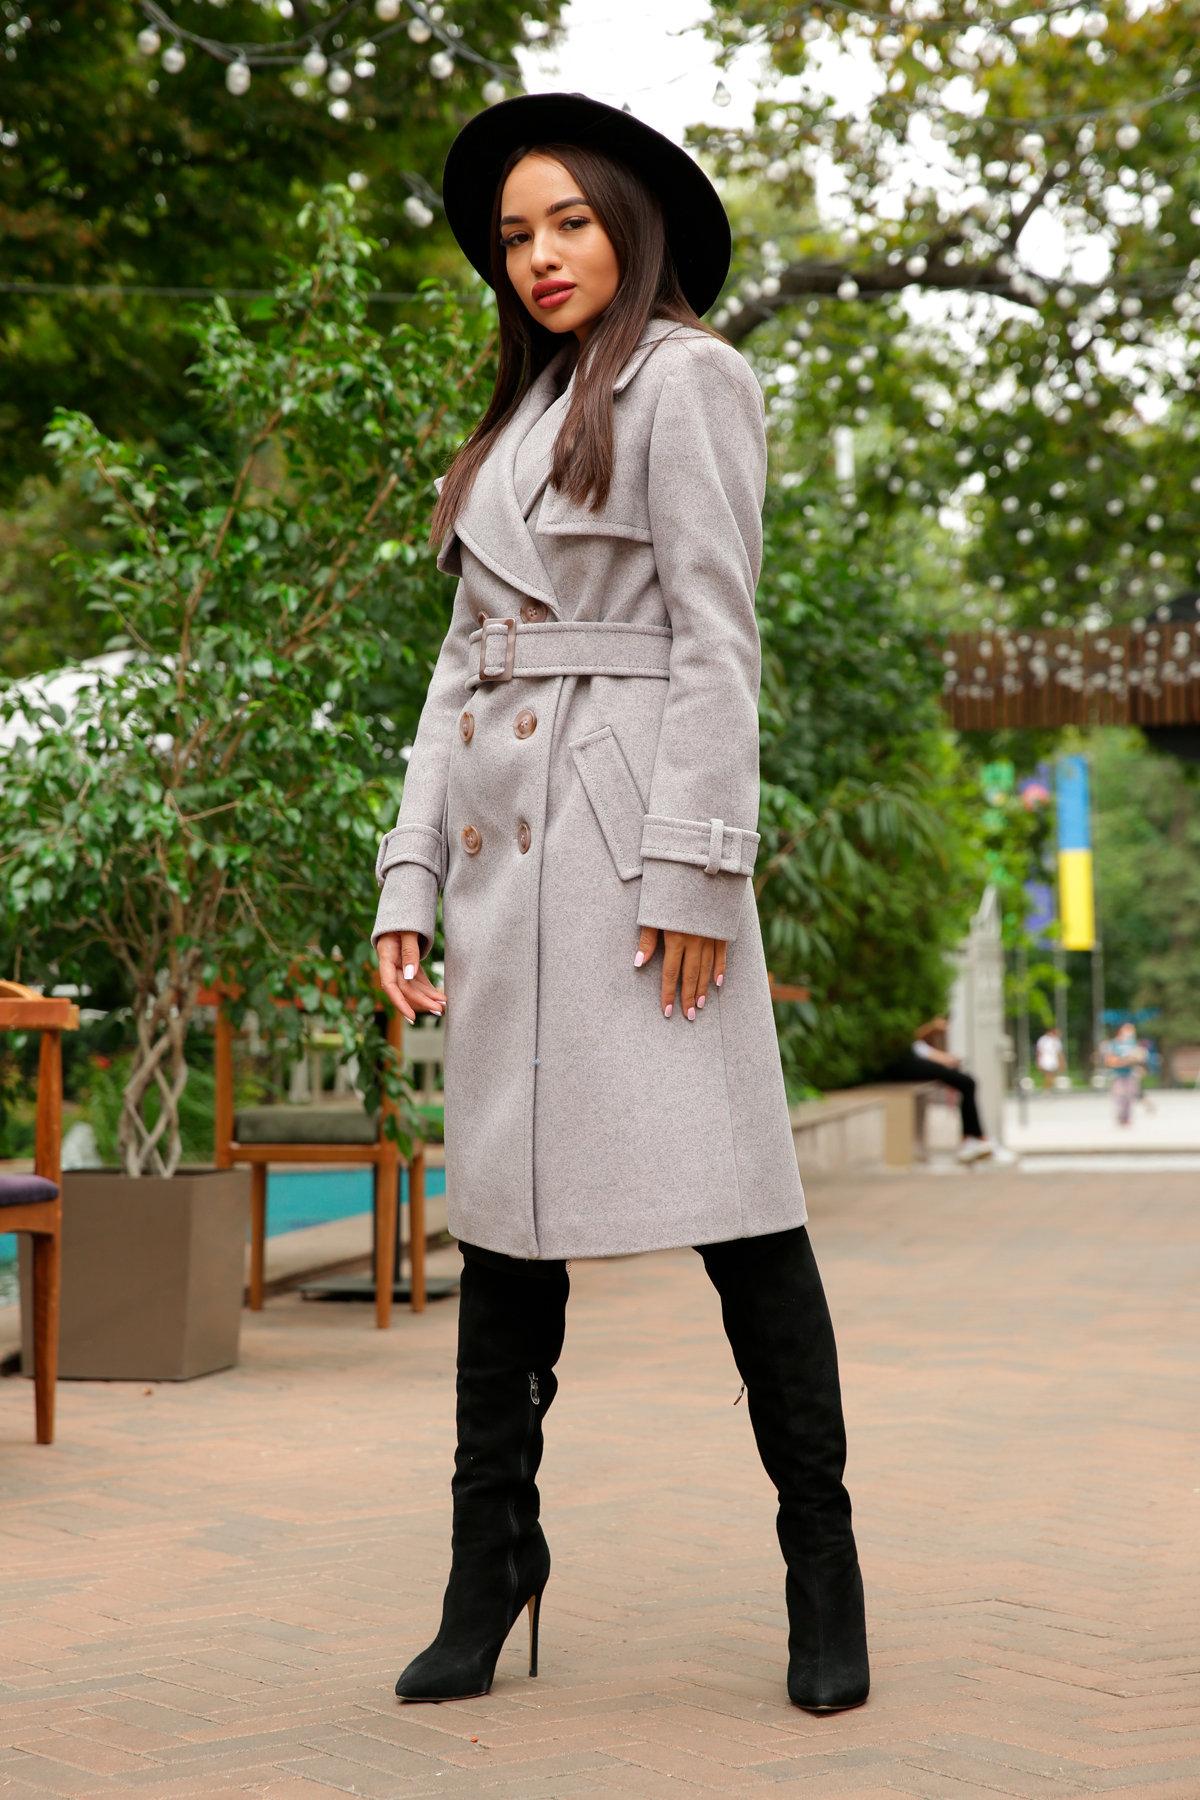 Двубортное пальто демисезон Монте 8089 АРТ. 44031 Цвет: Серый-розовый - фото 9, интернет магазин tm-modus.ru